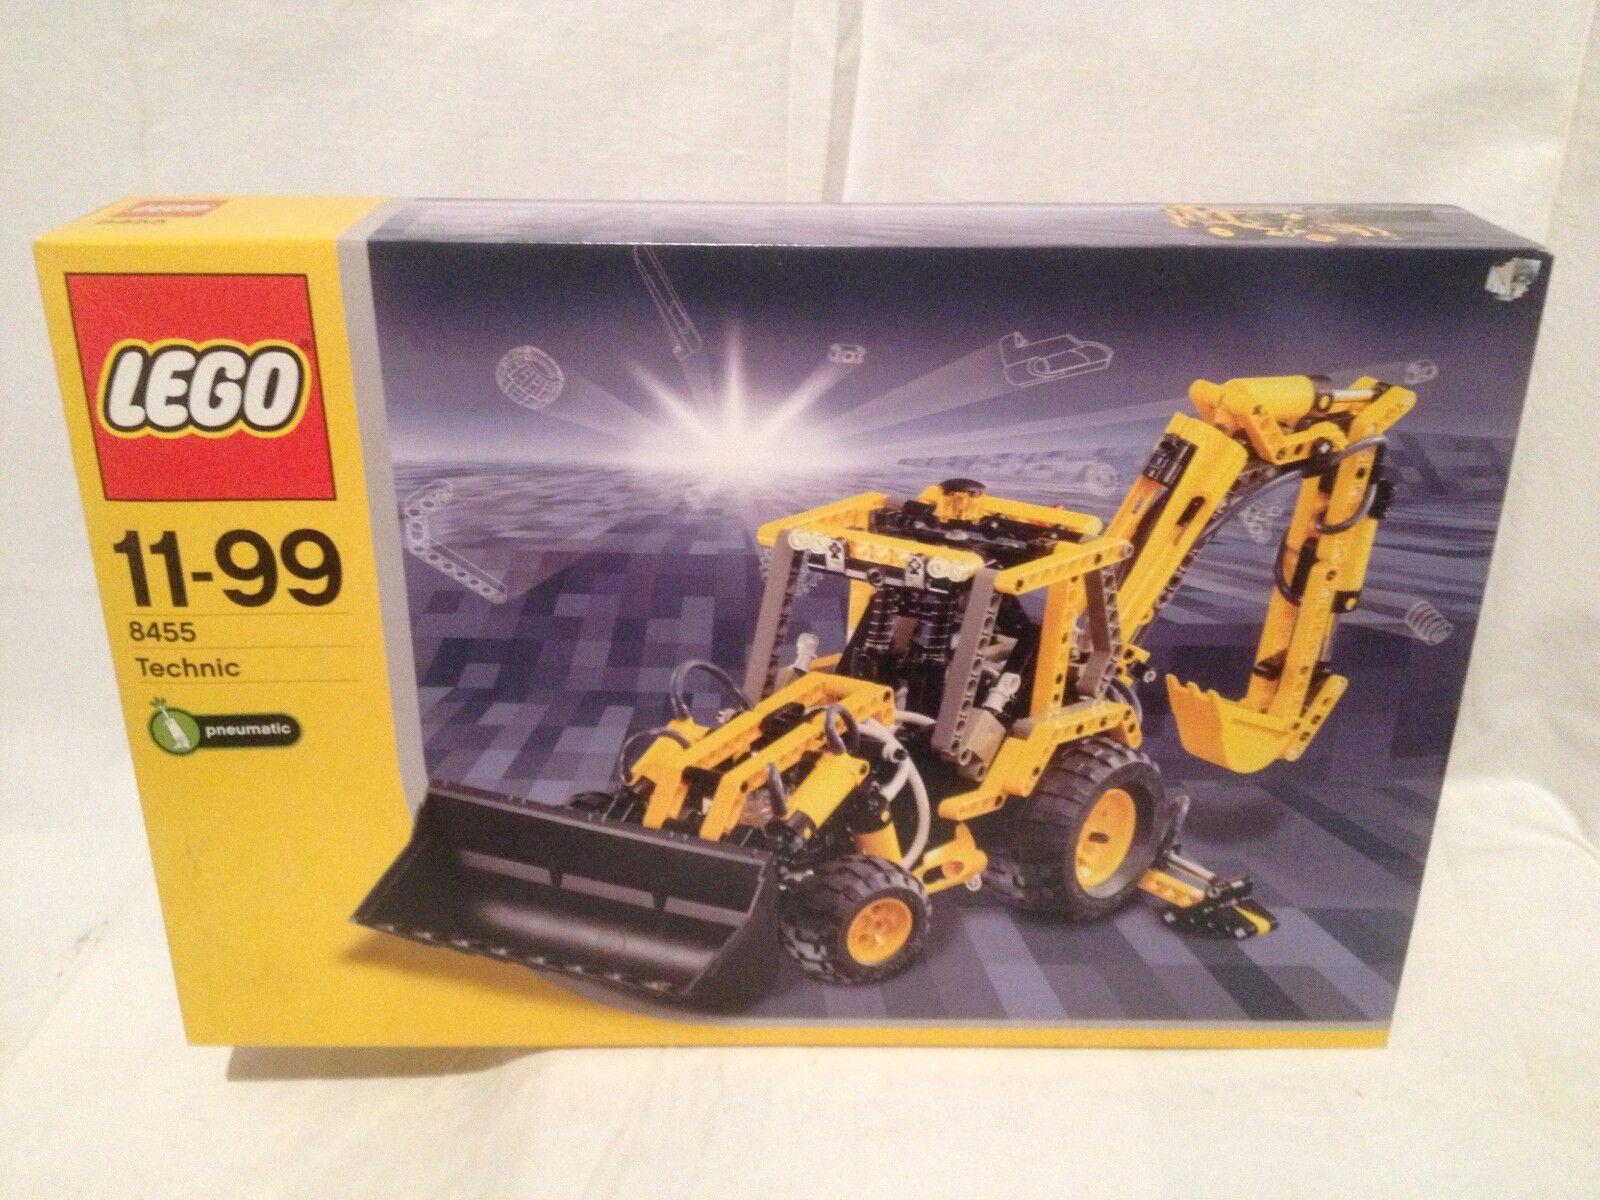 Lego Technic 8455 Pneumatic Excavateurs  NEUF 1 édition